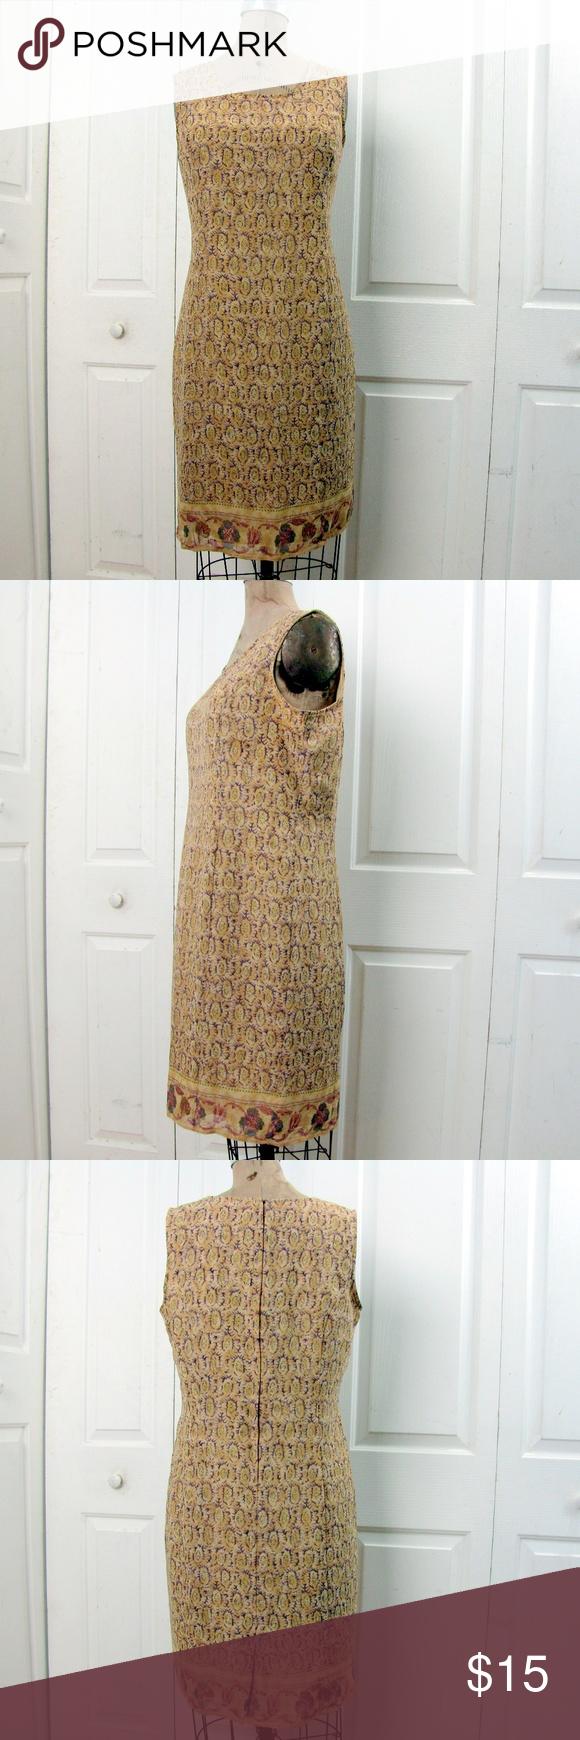 Sag Harbor Summer Shift Tan Dress Large Tan Dresses Clothes Design Sag Harbor Dress [ 1740 x 580 Pixel ]